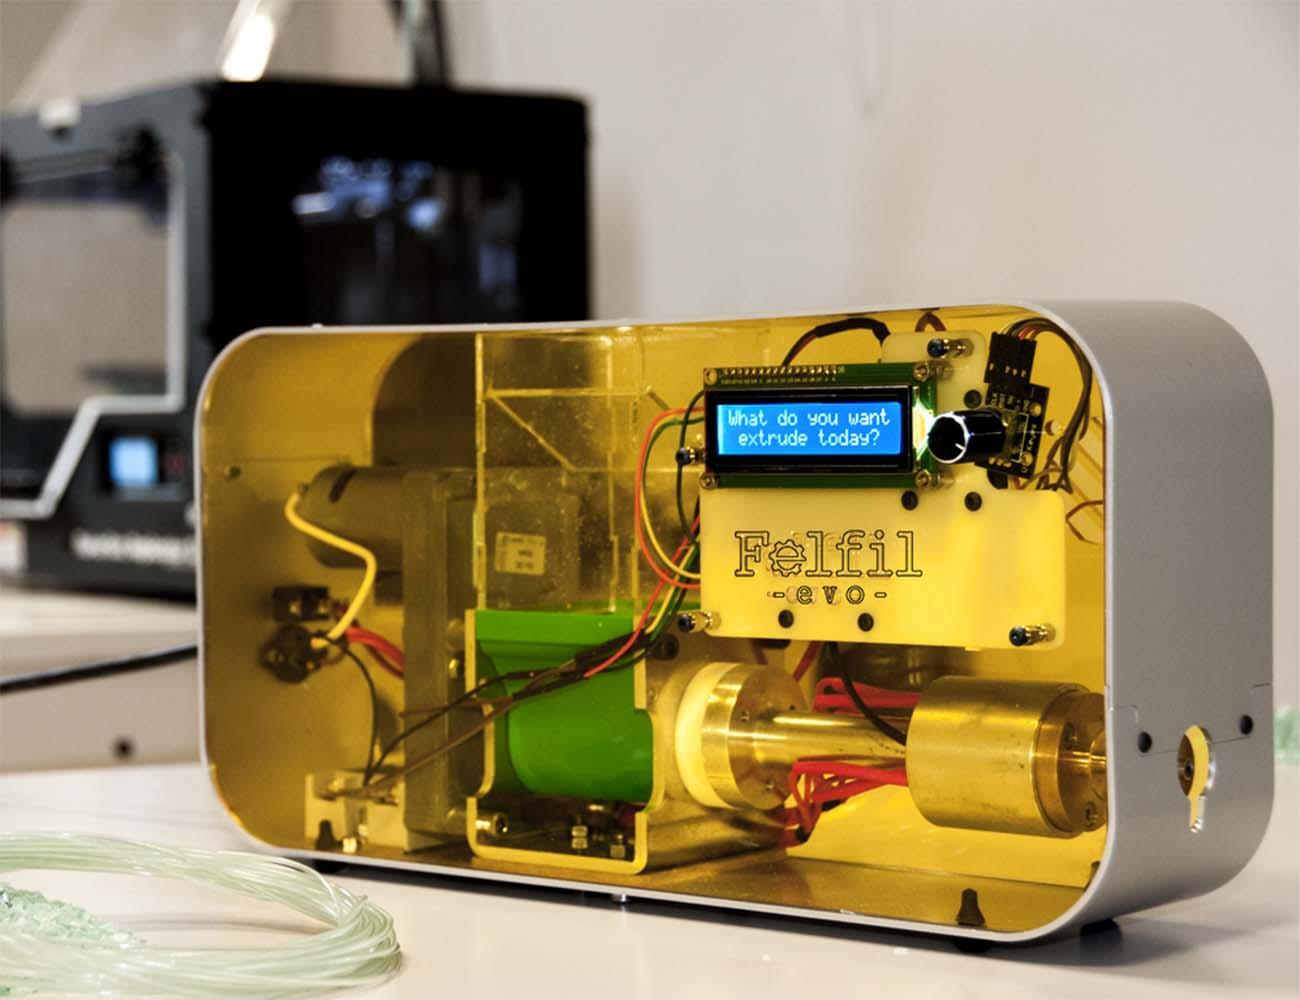 ПЛАСТИК для 3Д Принтера НЕ ВЫХОДЯ ИЗ ДОМА | Экструдер Felfil Evo - с открытым исходным кодом.